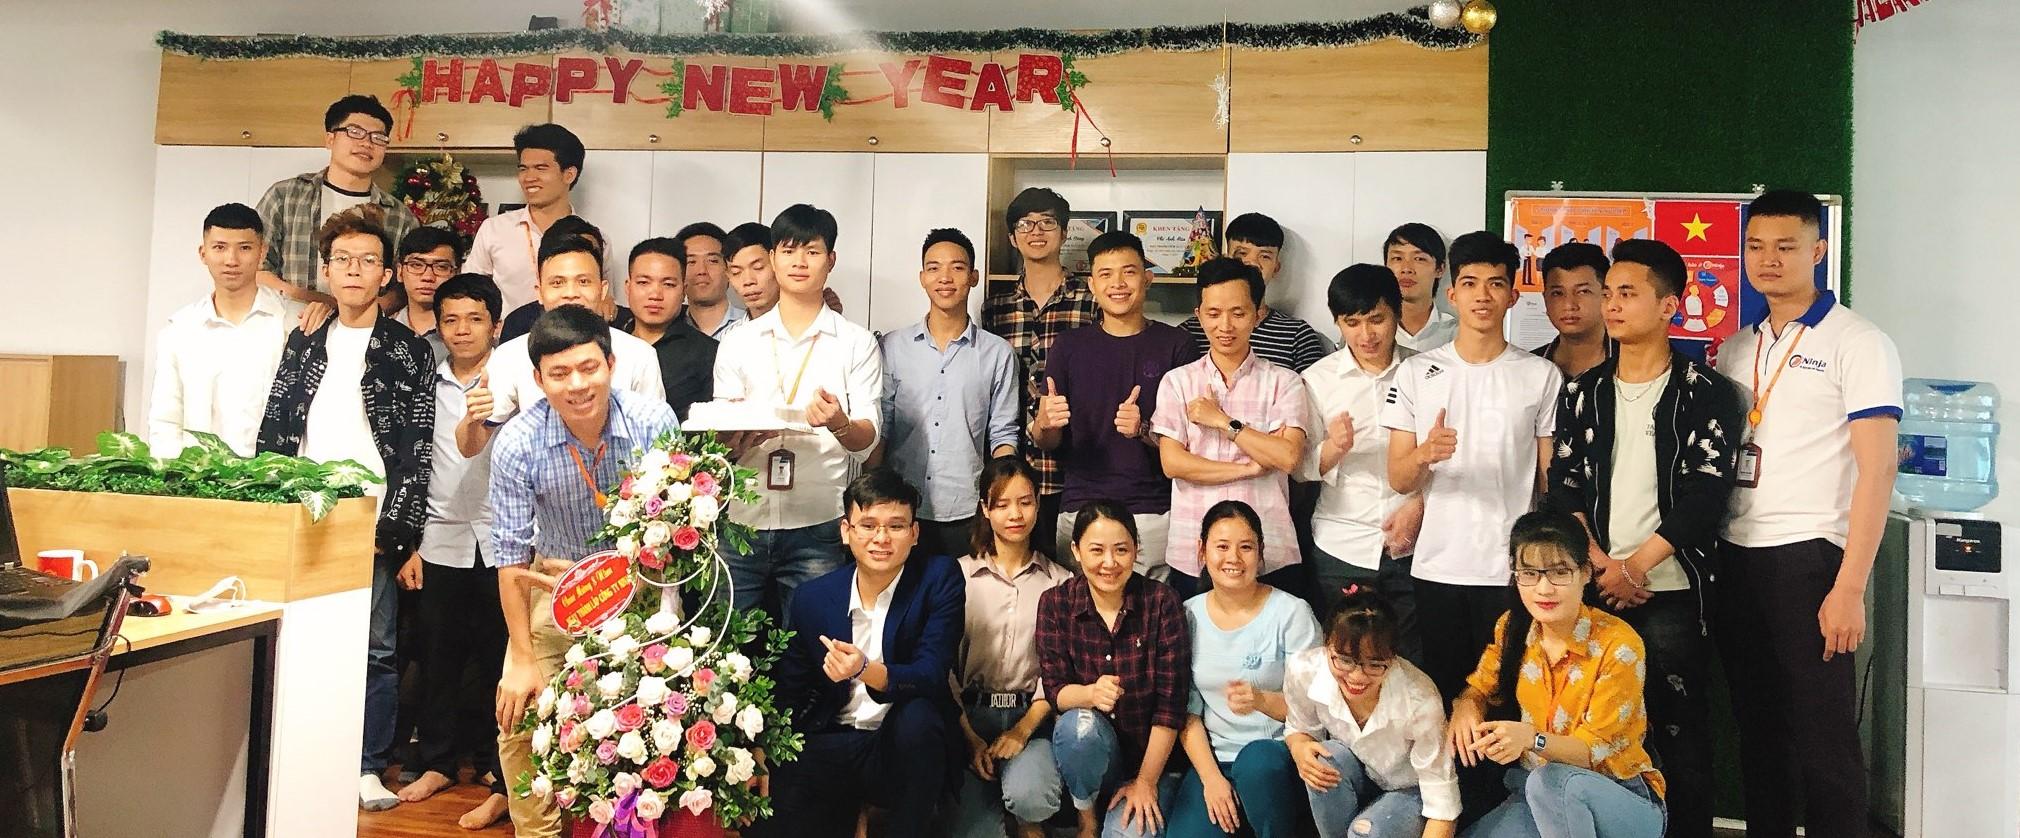 26A6CEA7 B137 4028 90E3 BD0B52151988 Kỉ niệm 8 năm thành lập công ty   Gắn kết vươn xa